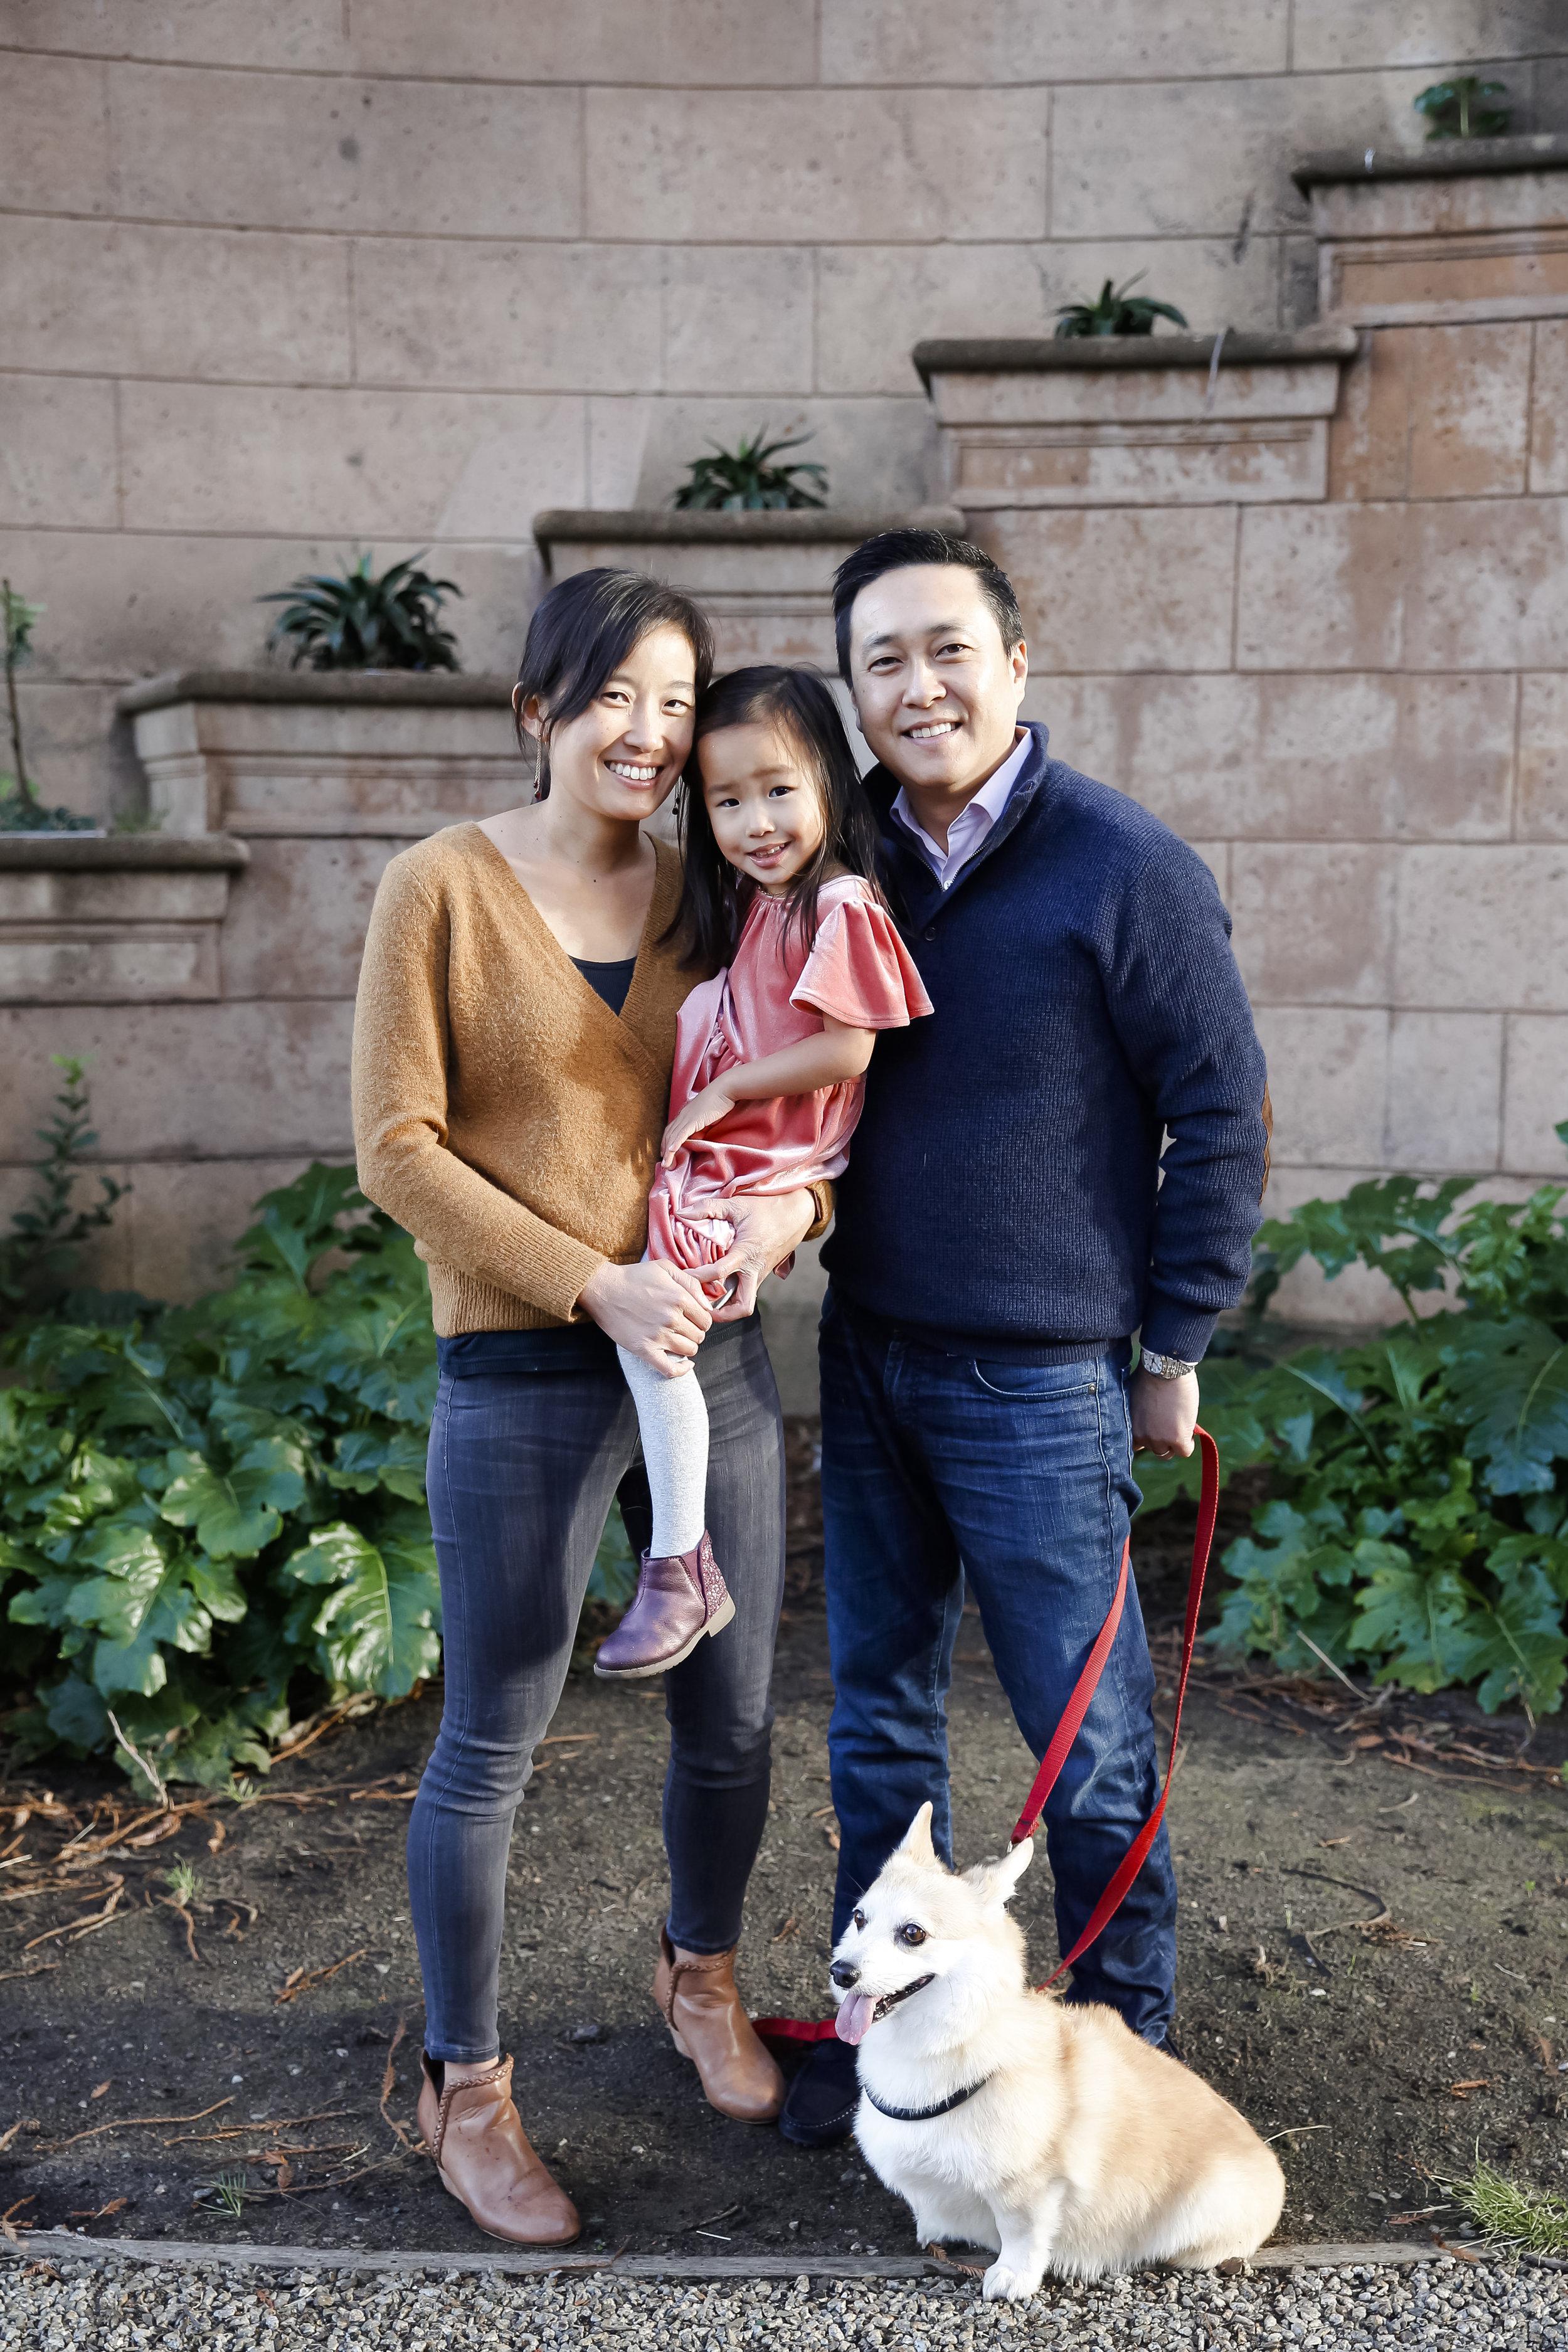 linfamily-ahp-00026.jpg